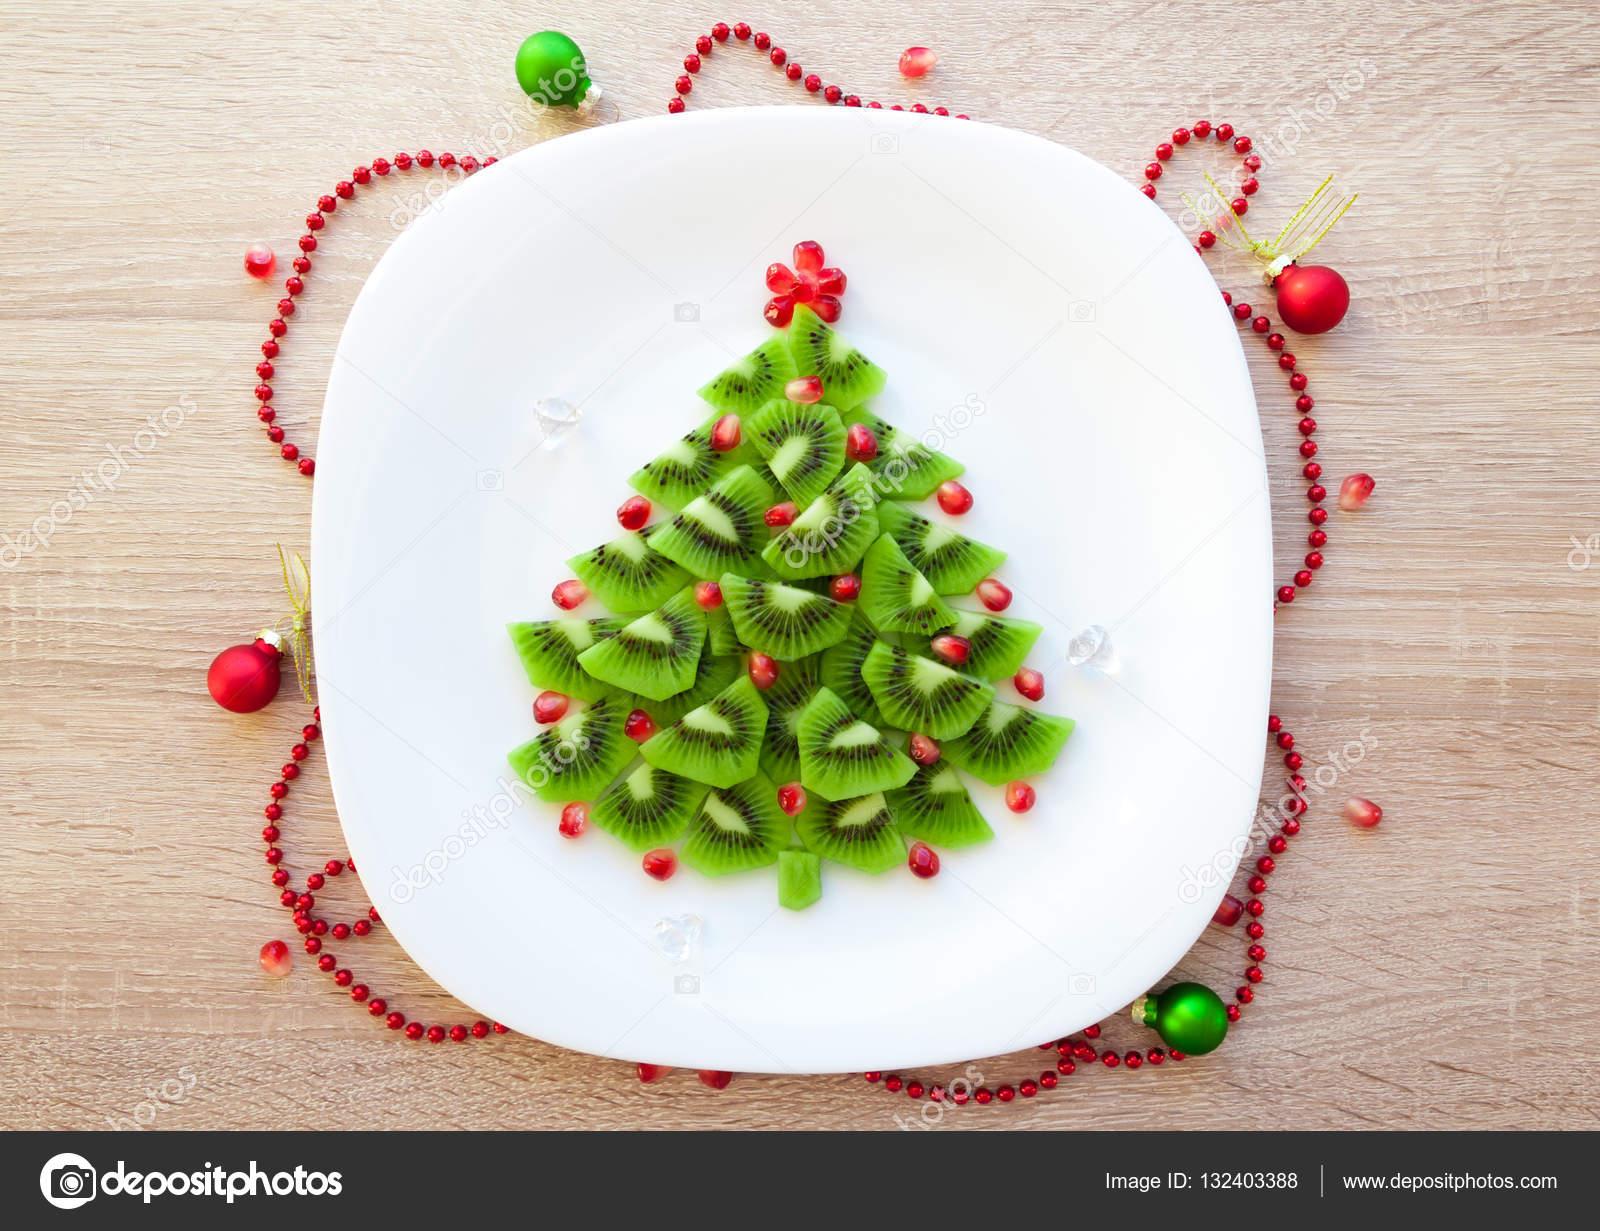 Weihnachtsbaum Kaufen Essen.Obst Kiwi Weihnachtsbaum Dessert Essen Rezept Idee Für Kinderparty